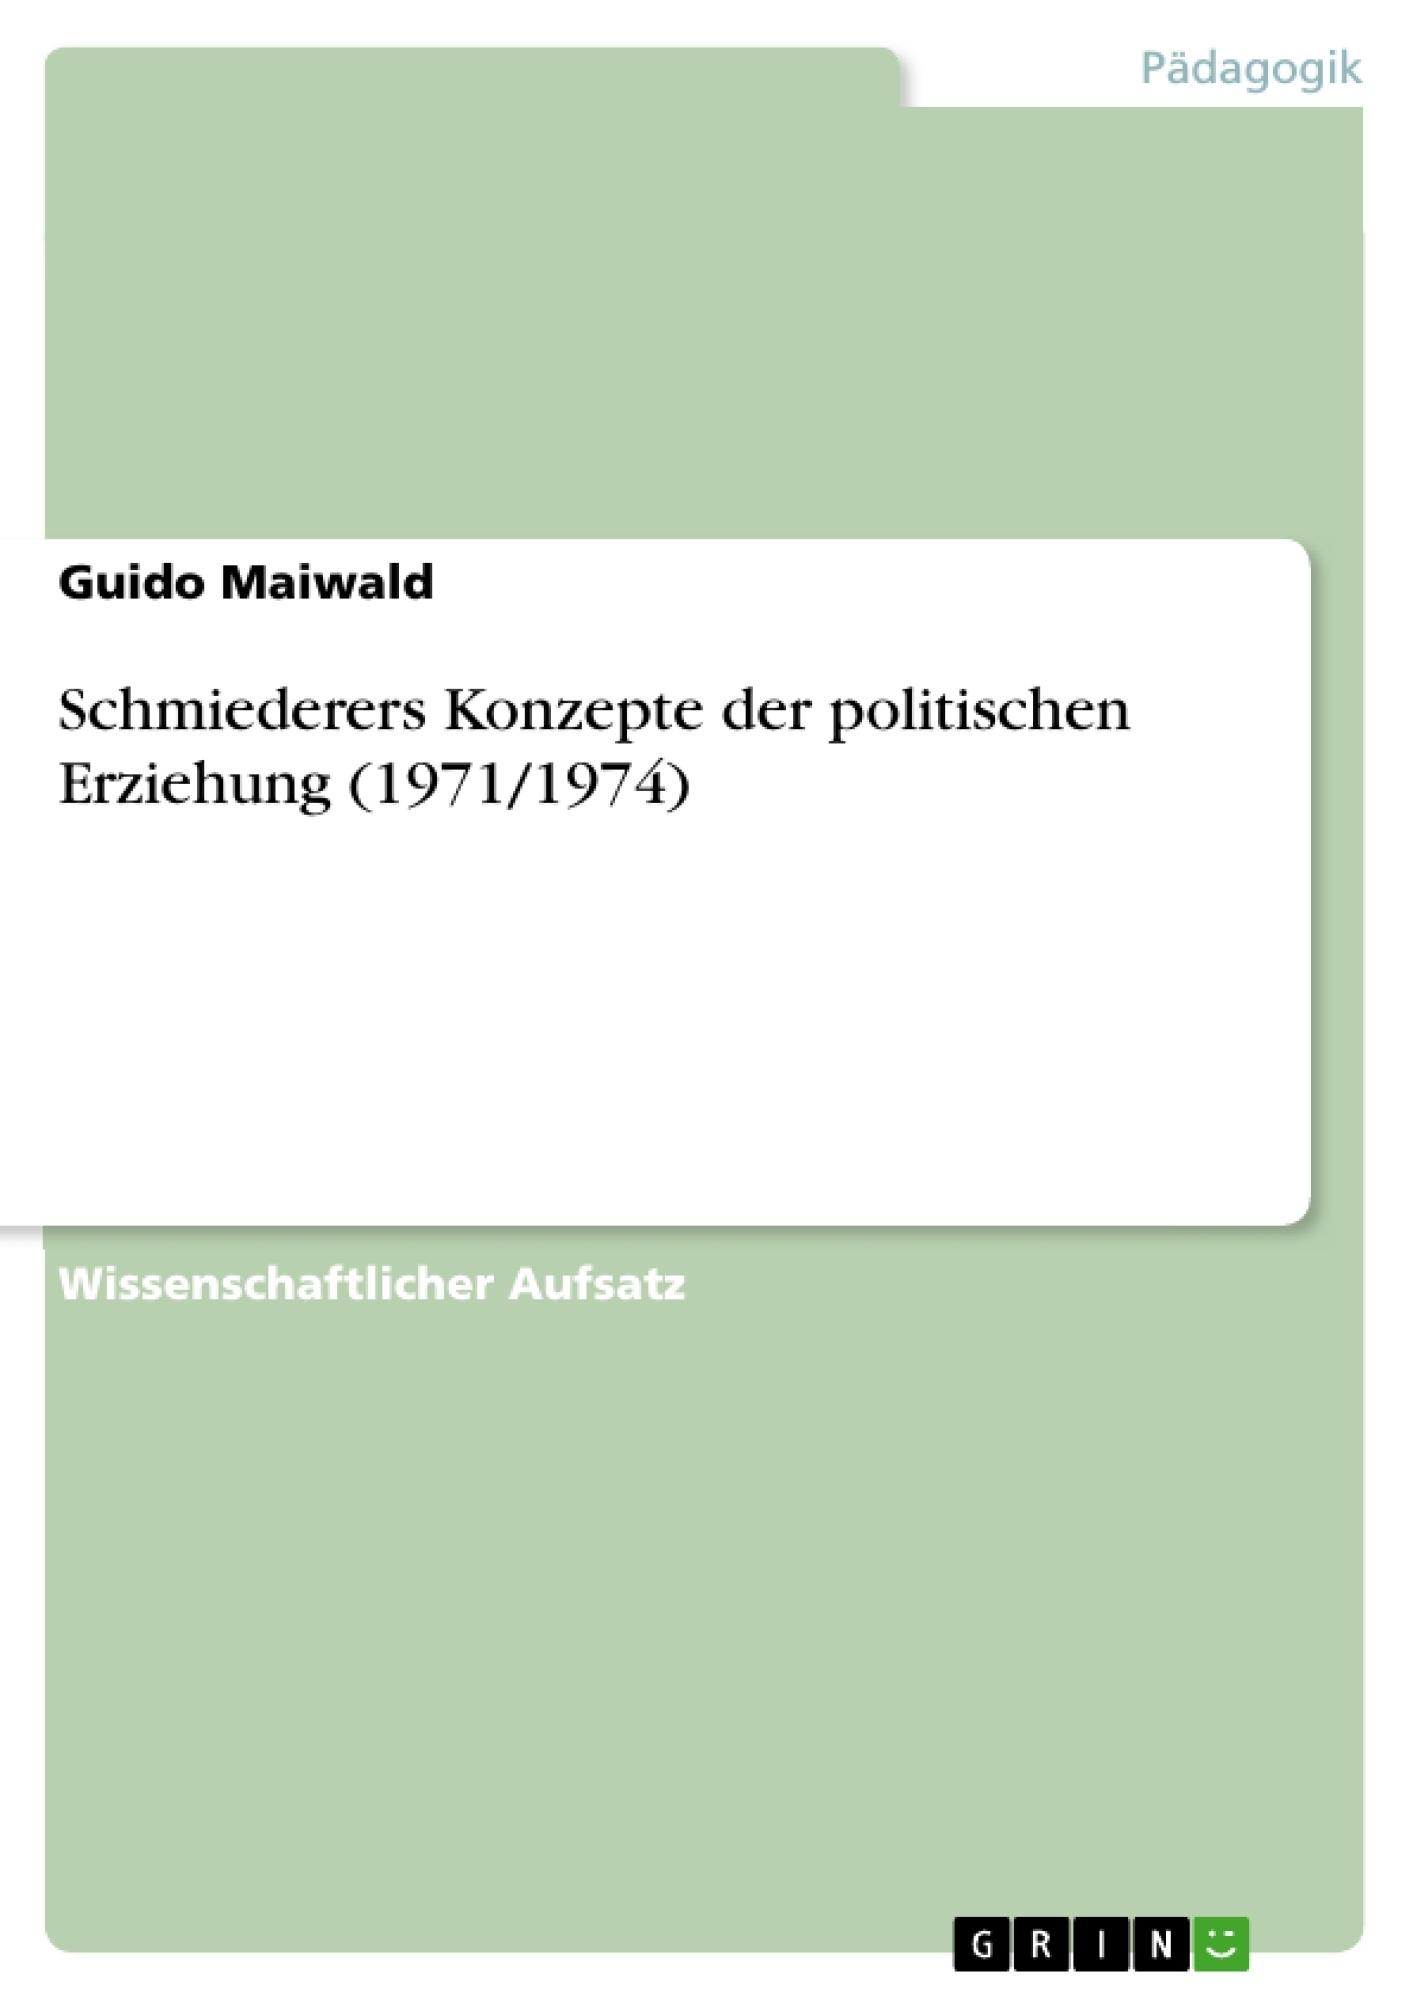 Titel: Schmiederers Konzepte der politischen Erziehung (1971/1974)